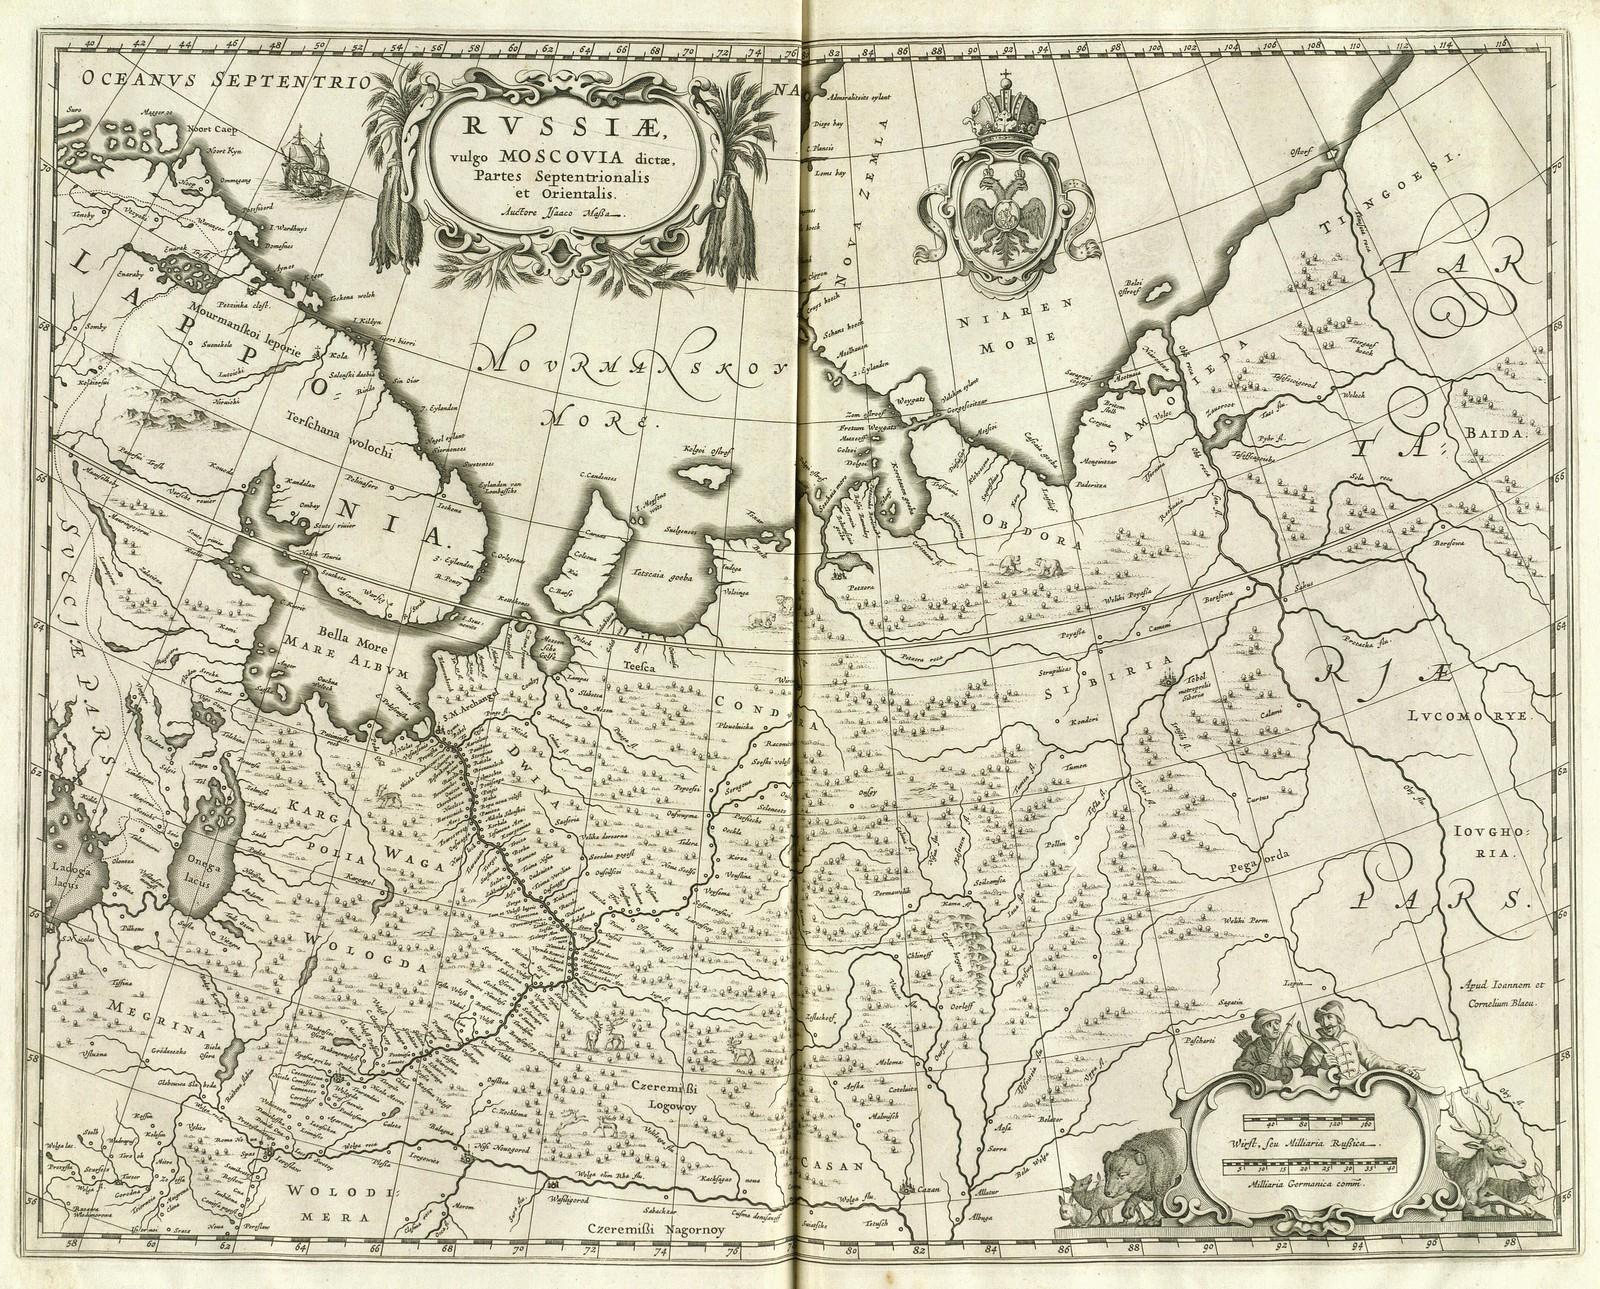 1640-1672. Россия, обычно называемая Московия, части северные и восточные. Исаак Масса, Амстердам